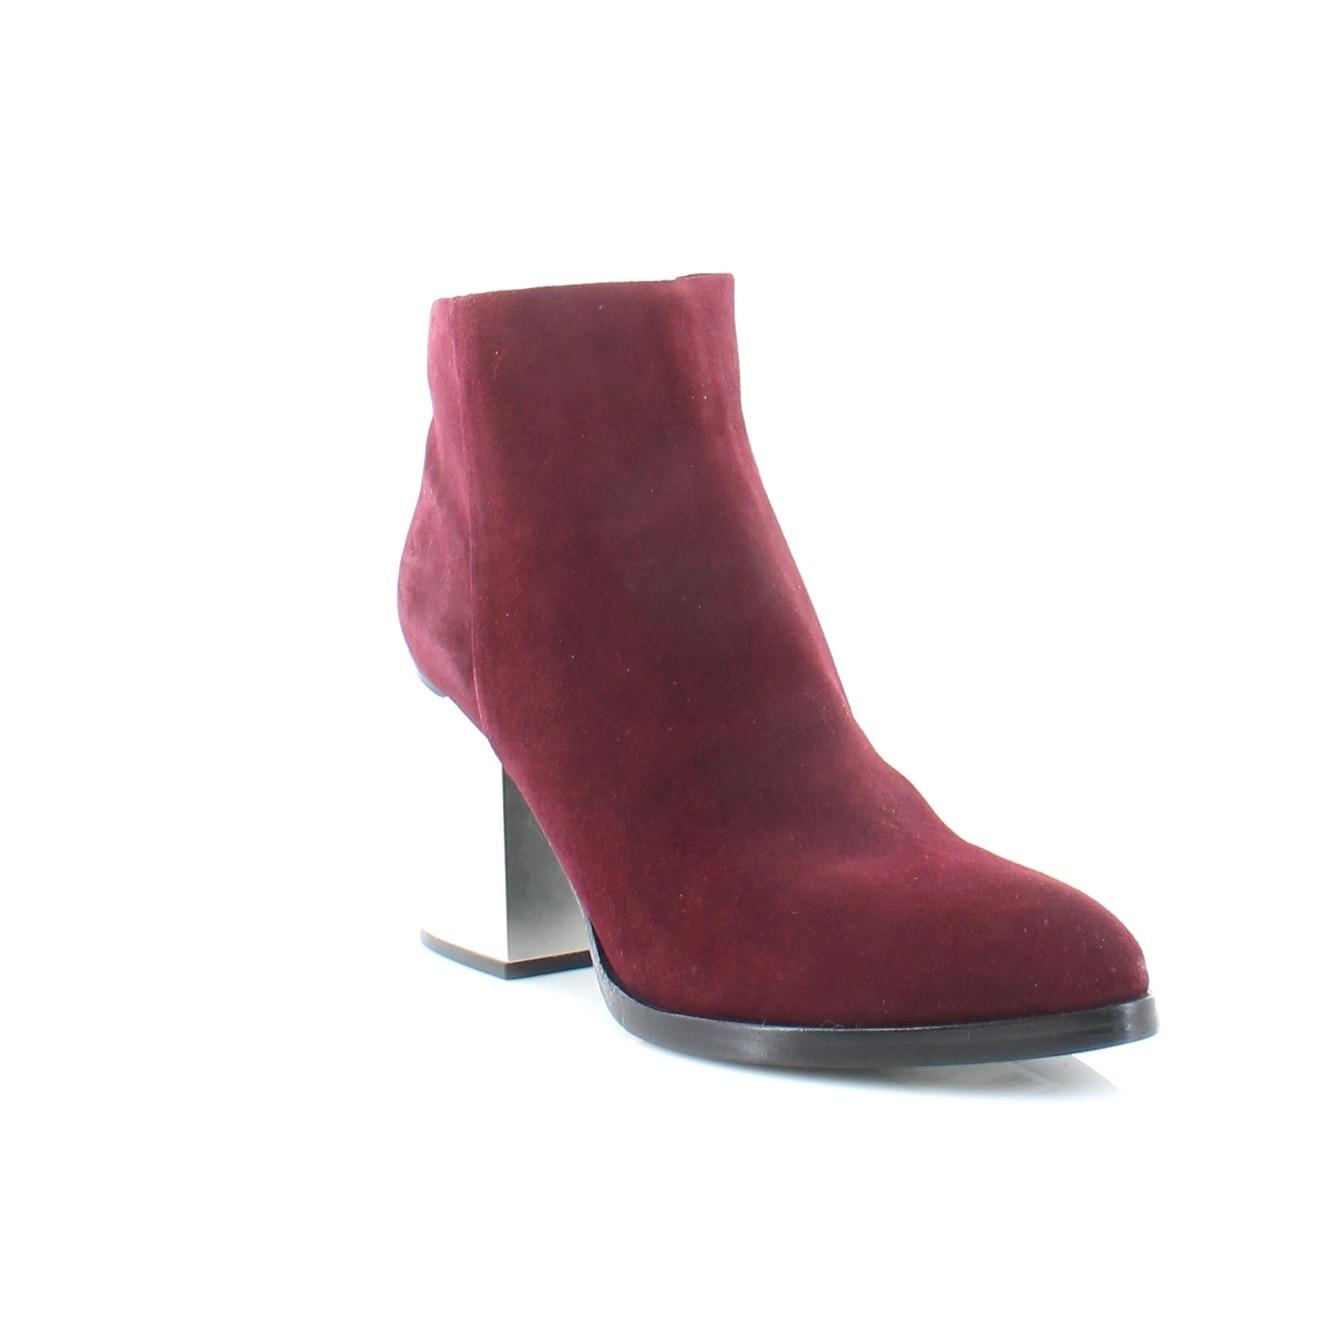 399378a99b8 Alexander Wang Gabi Women's Boots Burgundy